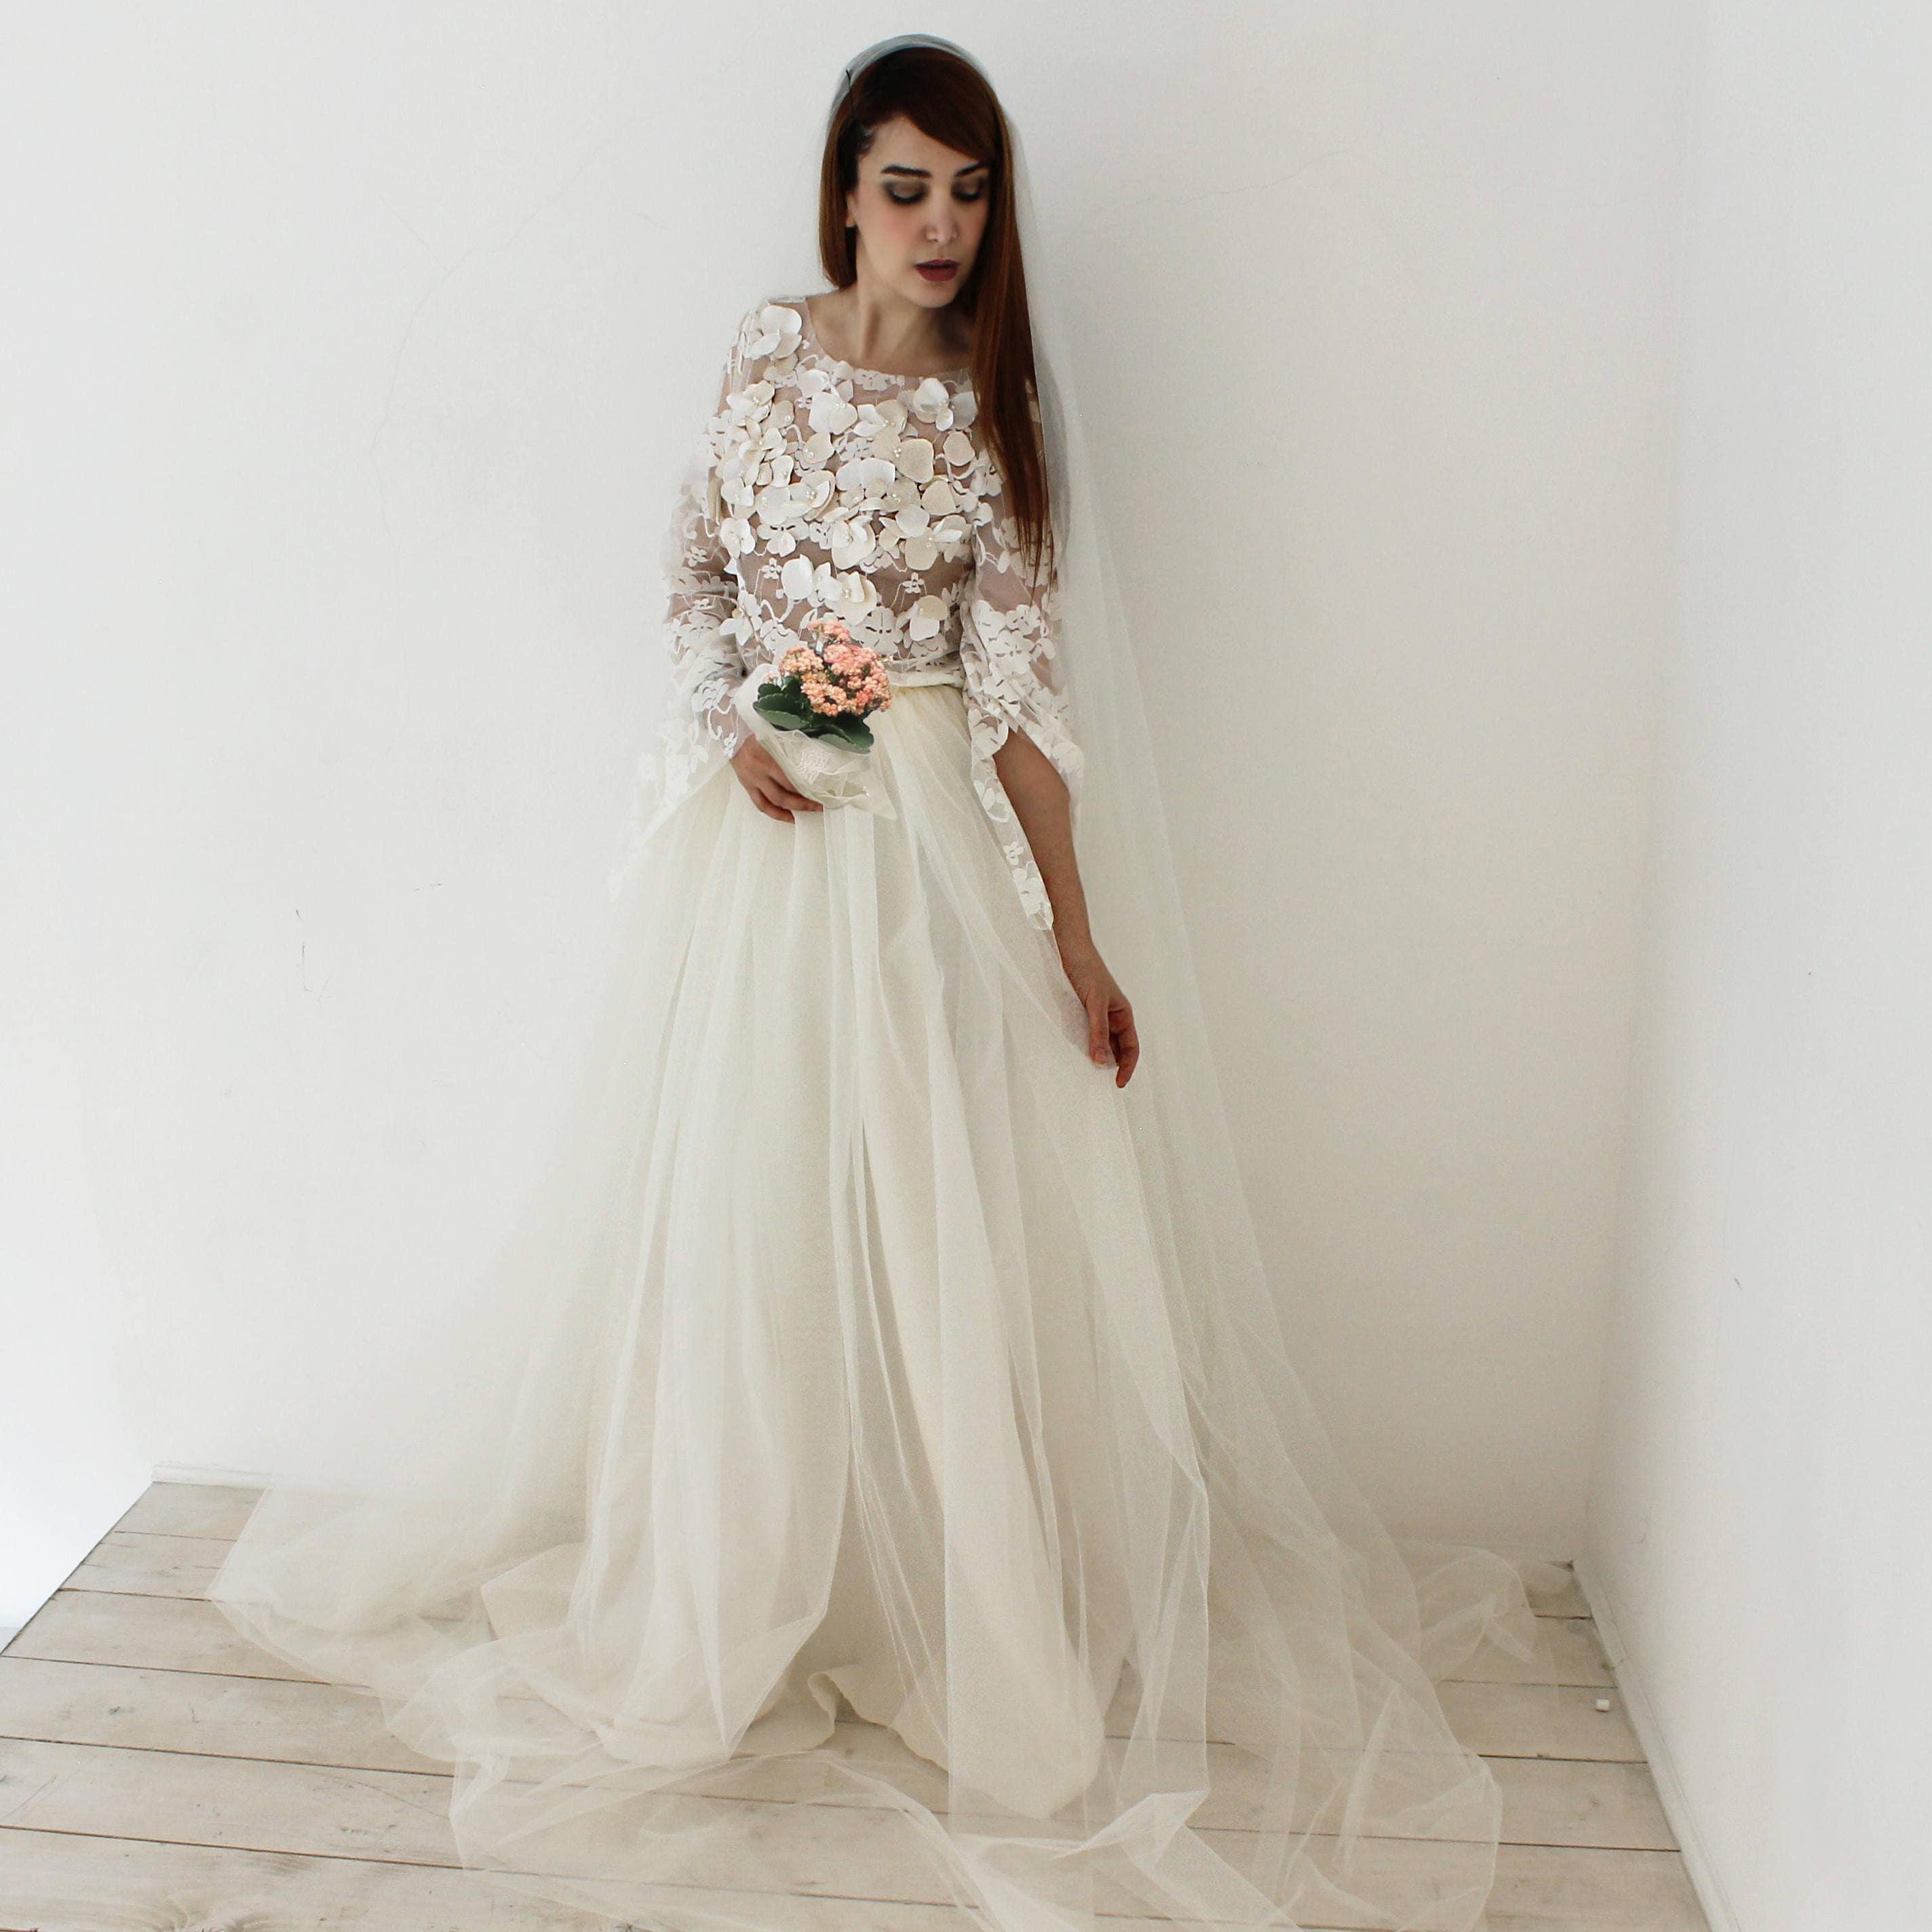 Groß Hochzeitskleid Für Billigen Verkauf Bilder - Brautkleider Ideen ...